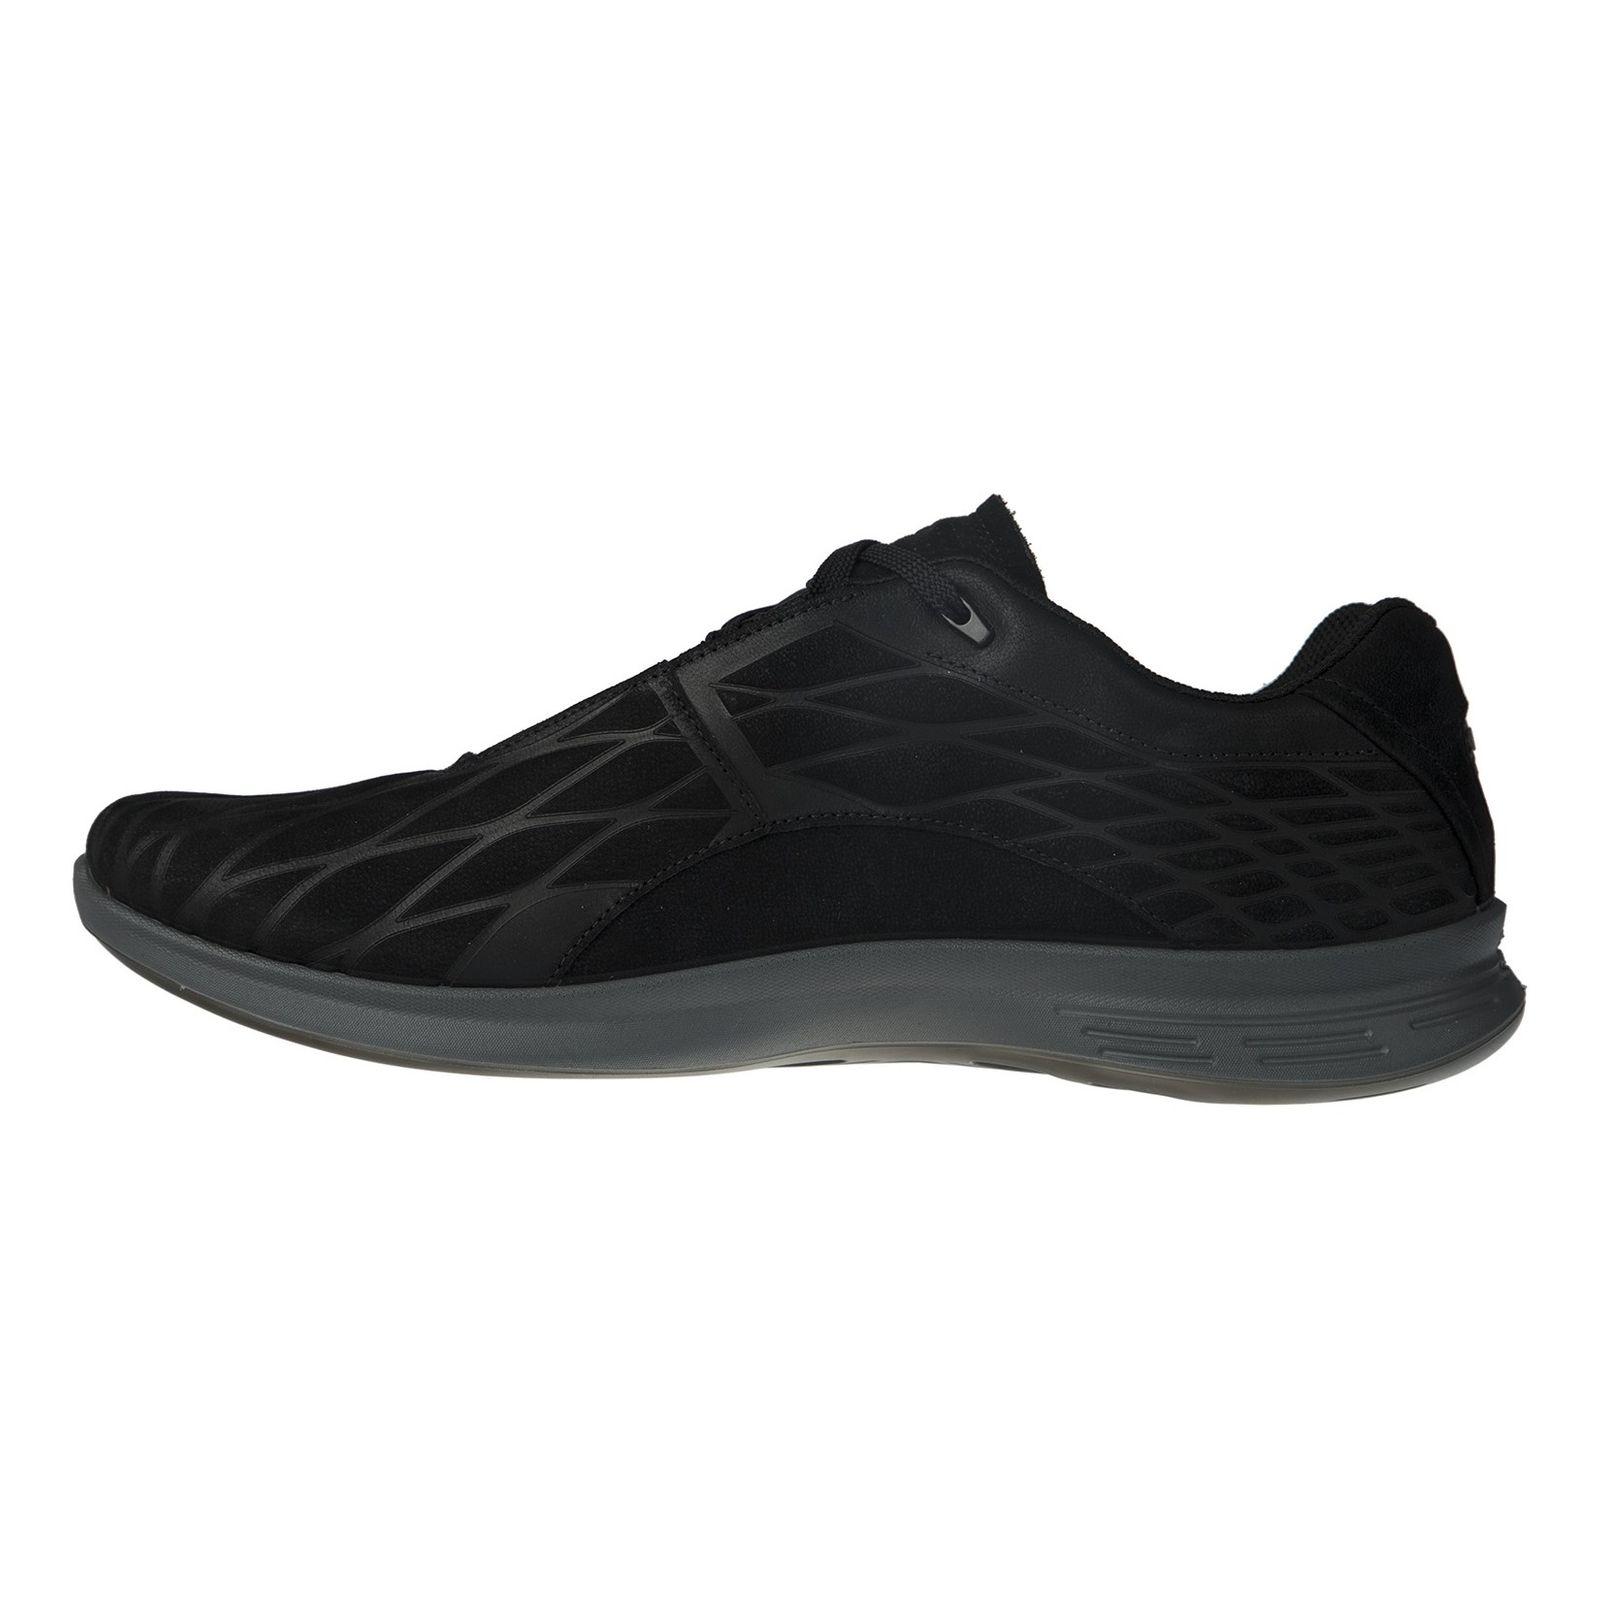 کفش ورزشی بندی مردانه Exceed - اکو - مشکي - 3